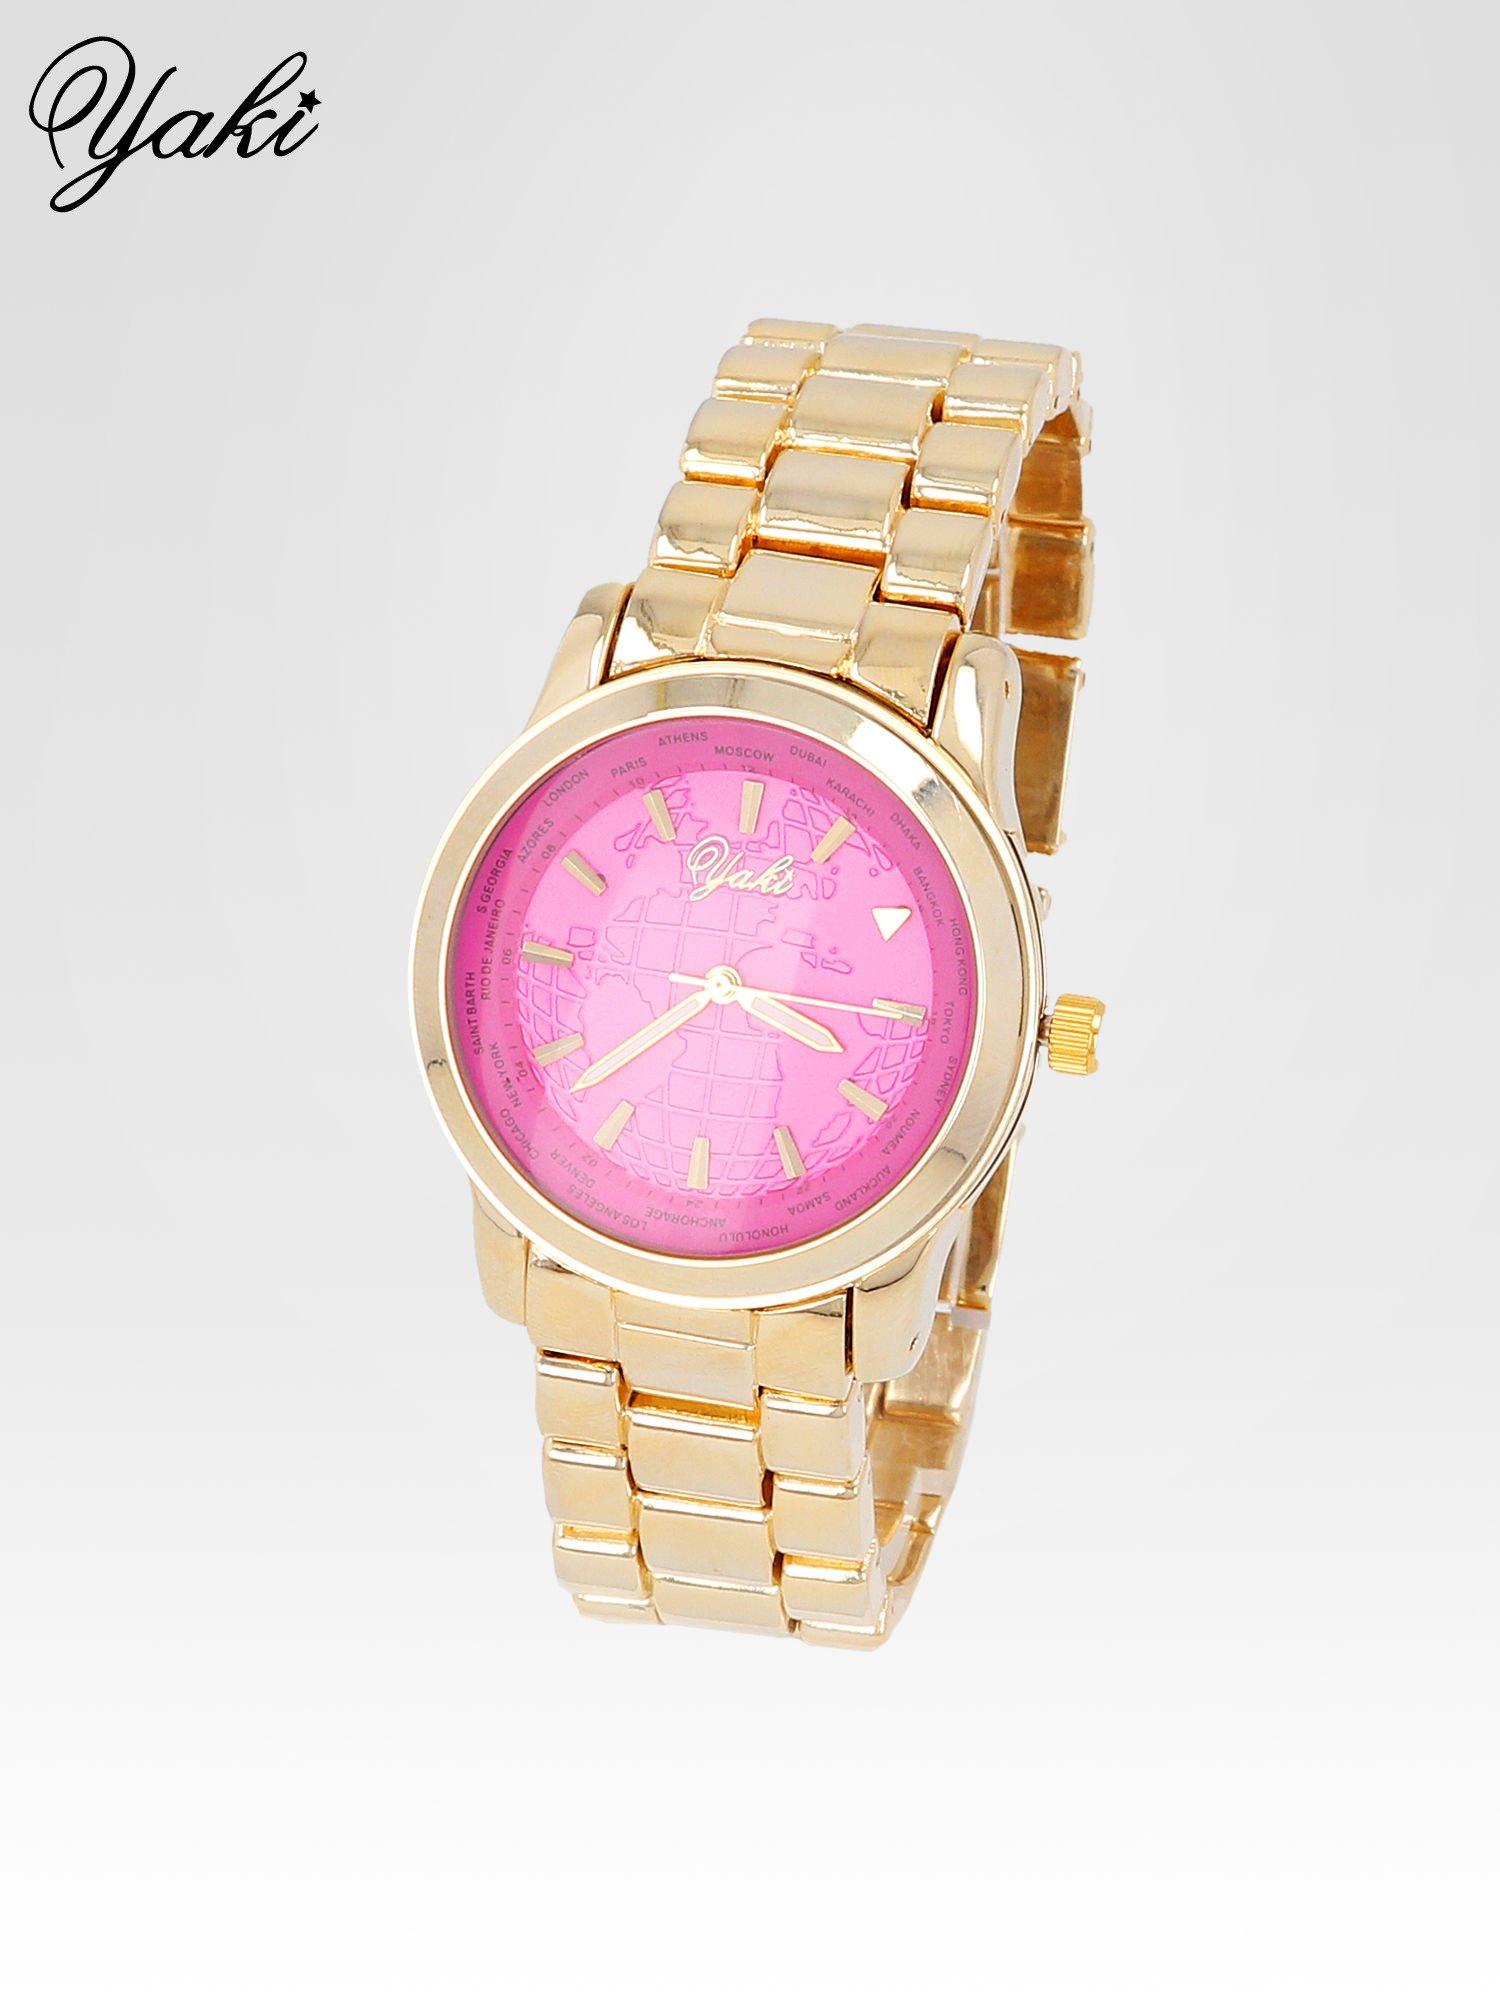 Złoty zegarek damski globtroter z różową tarczą z motywem mapy                                  zdj.                                  2